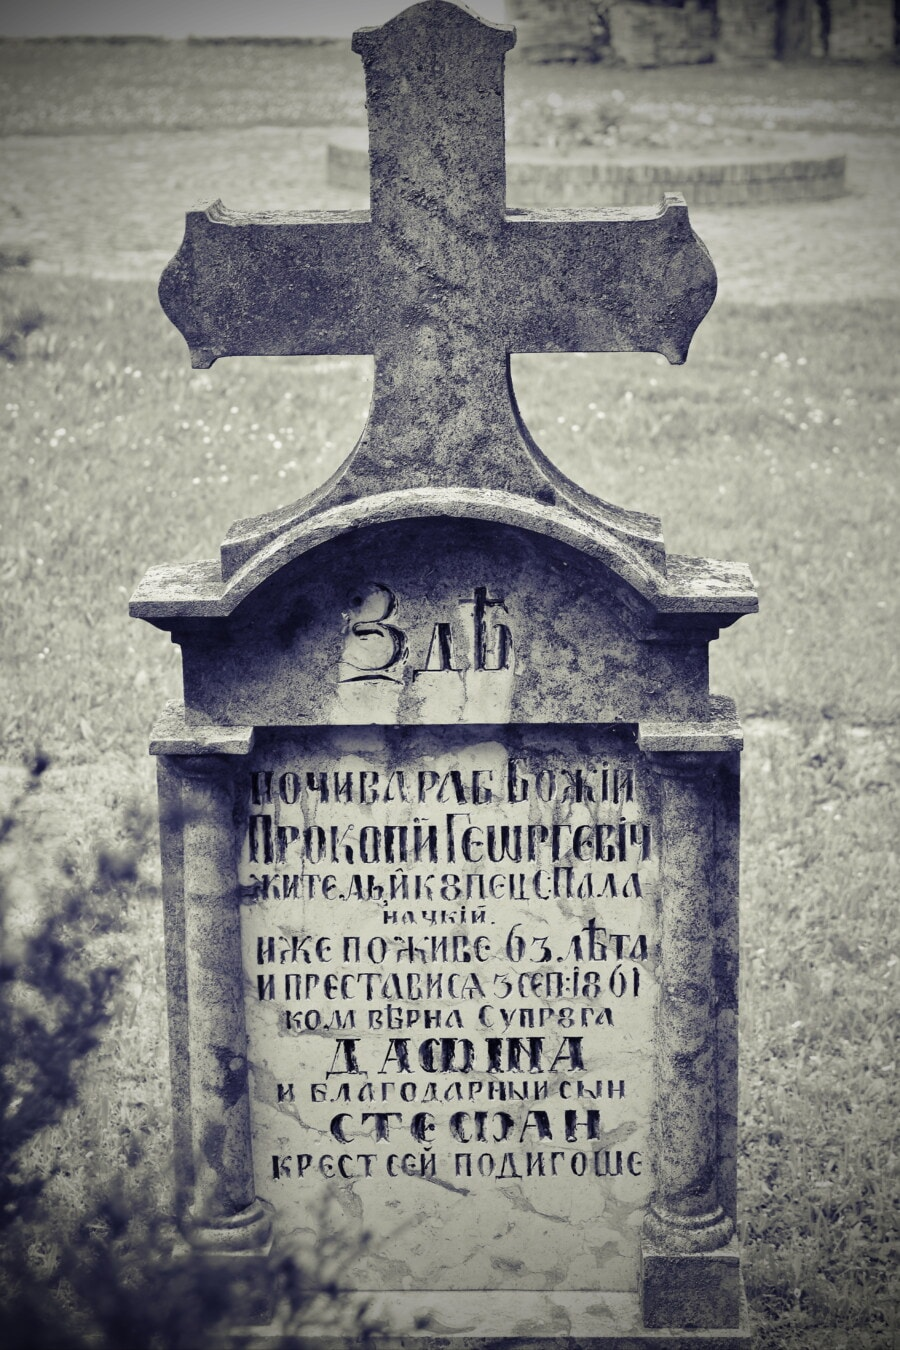 enterrement, tombe, Pierre tombale, Pierre tombale, cimetière, noir et blanc, marbre, Christianisme, spiritualité, vieux